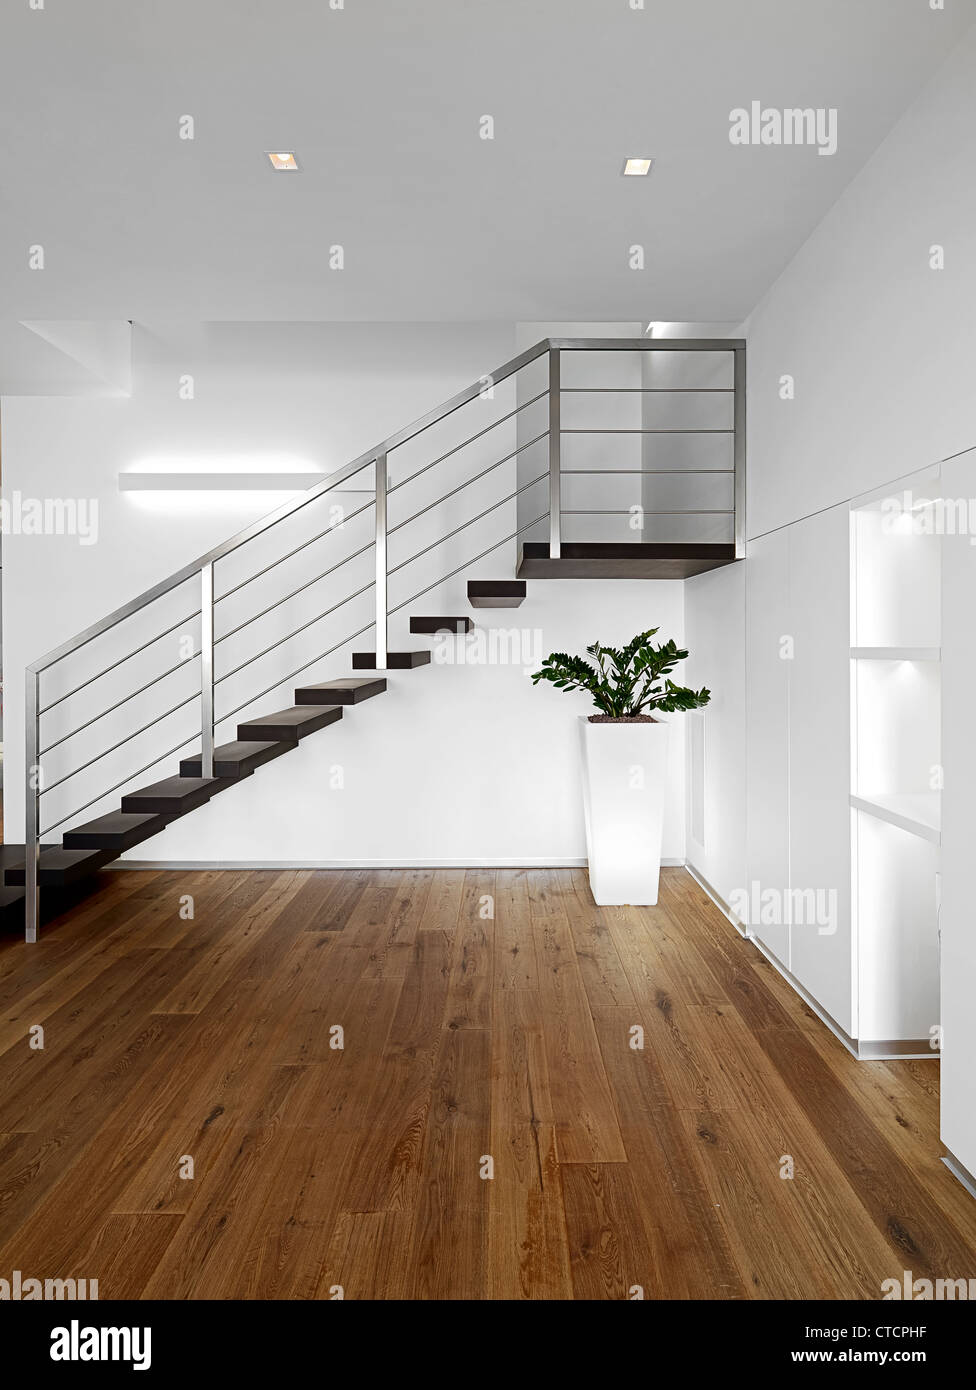 Moderner eingangsbereich innen  moderner Eingangsbereich mit Treppe und Holz Boden Stockfoto, Bild ...